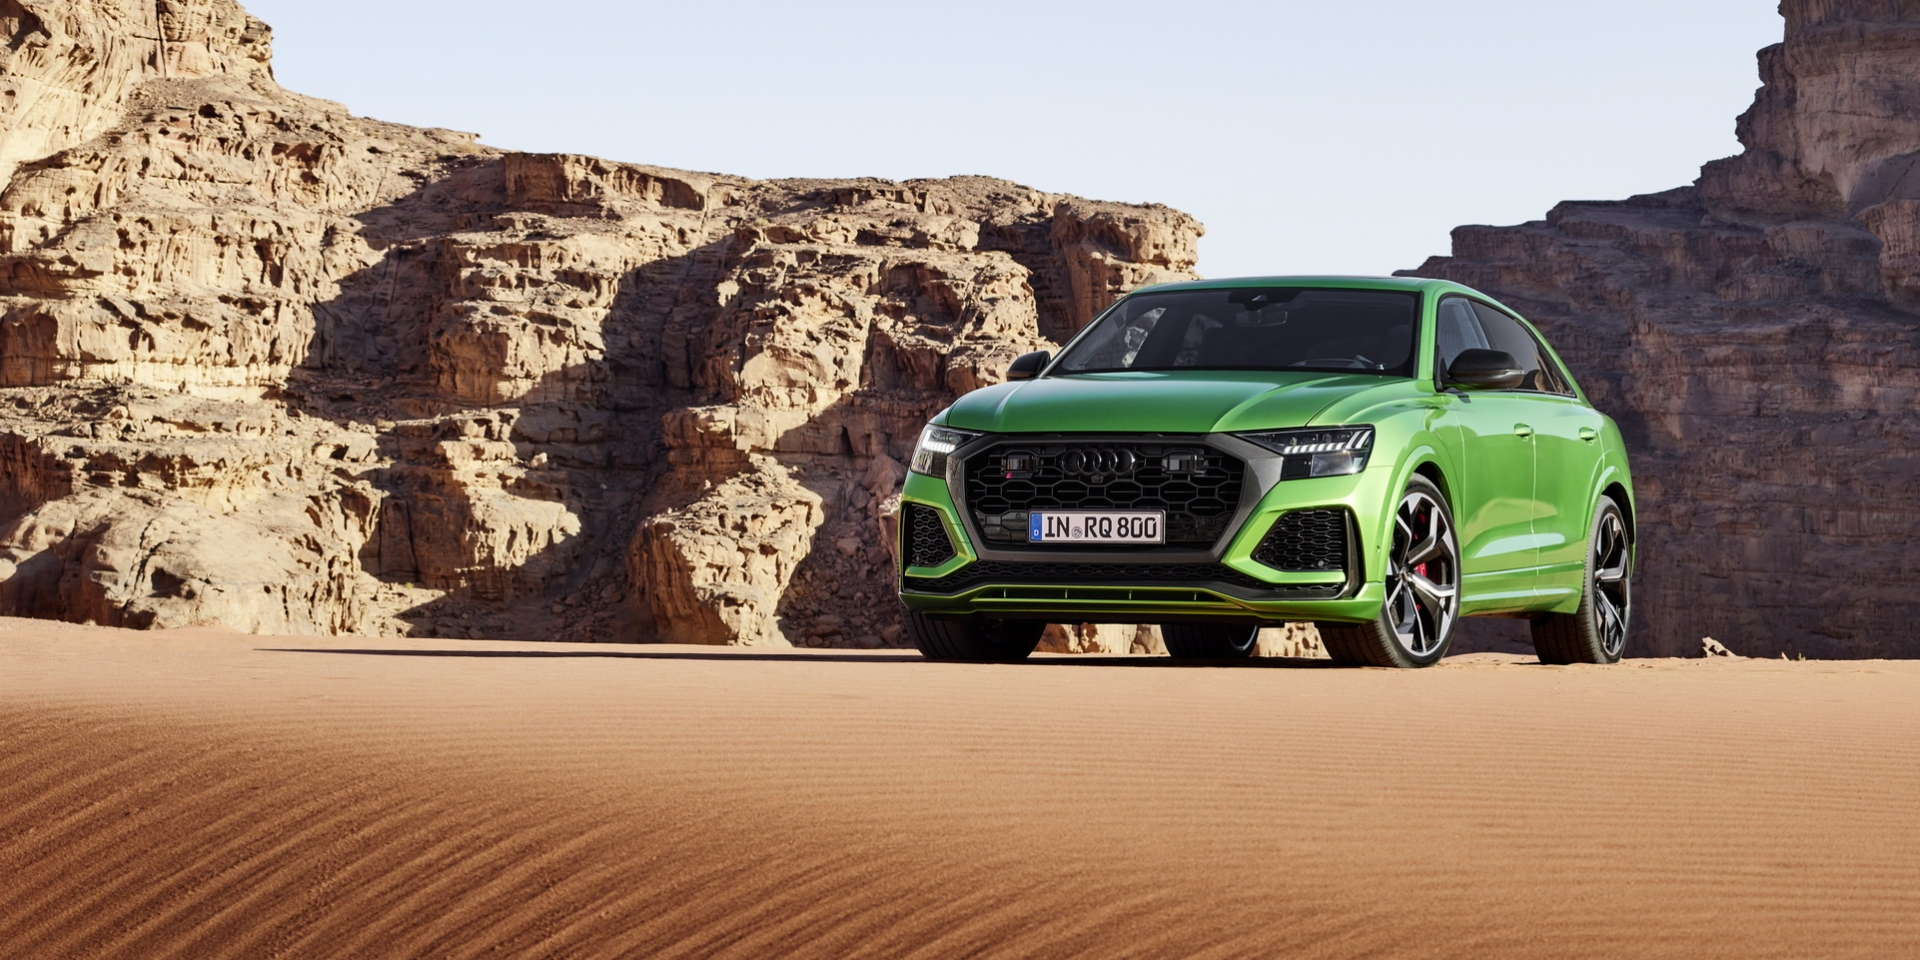 比GT-R更快!Audi RS Q8 600hp輕油電動力正式發表!